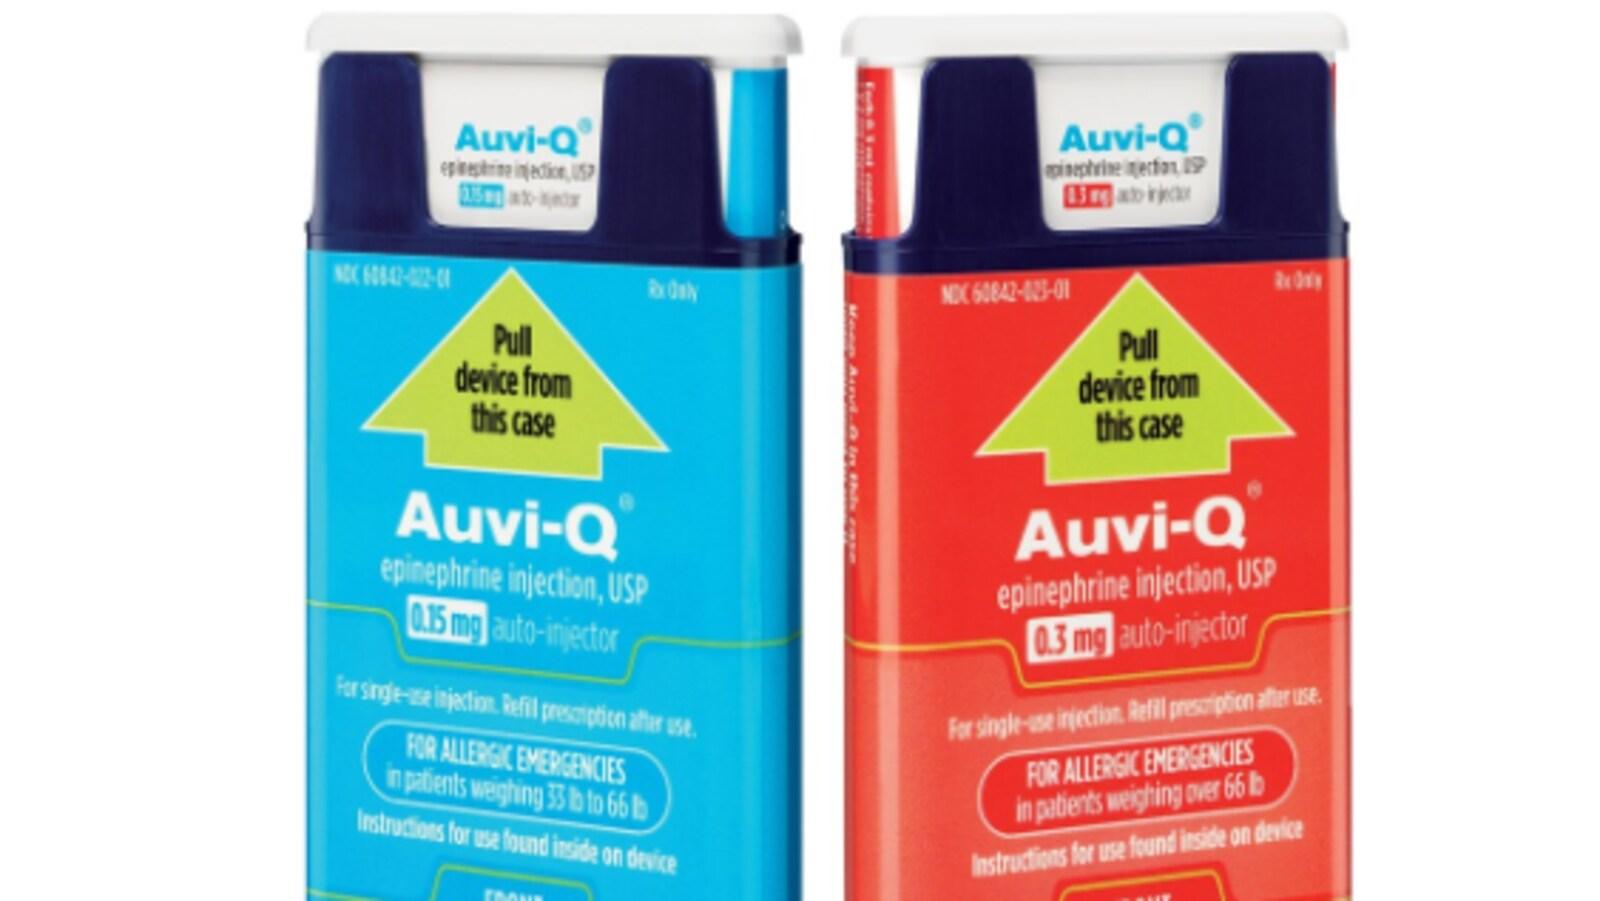 Deux contenants du médicament Auvi-Q.